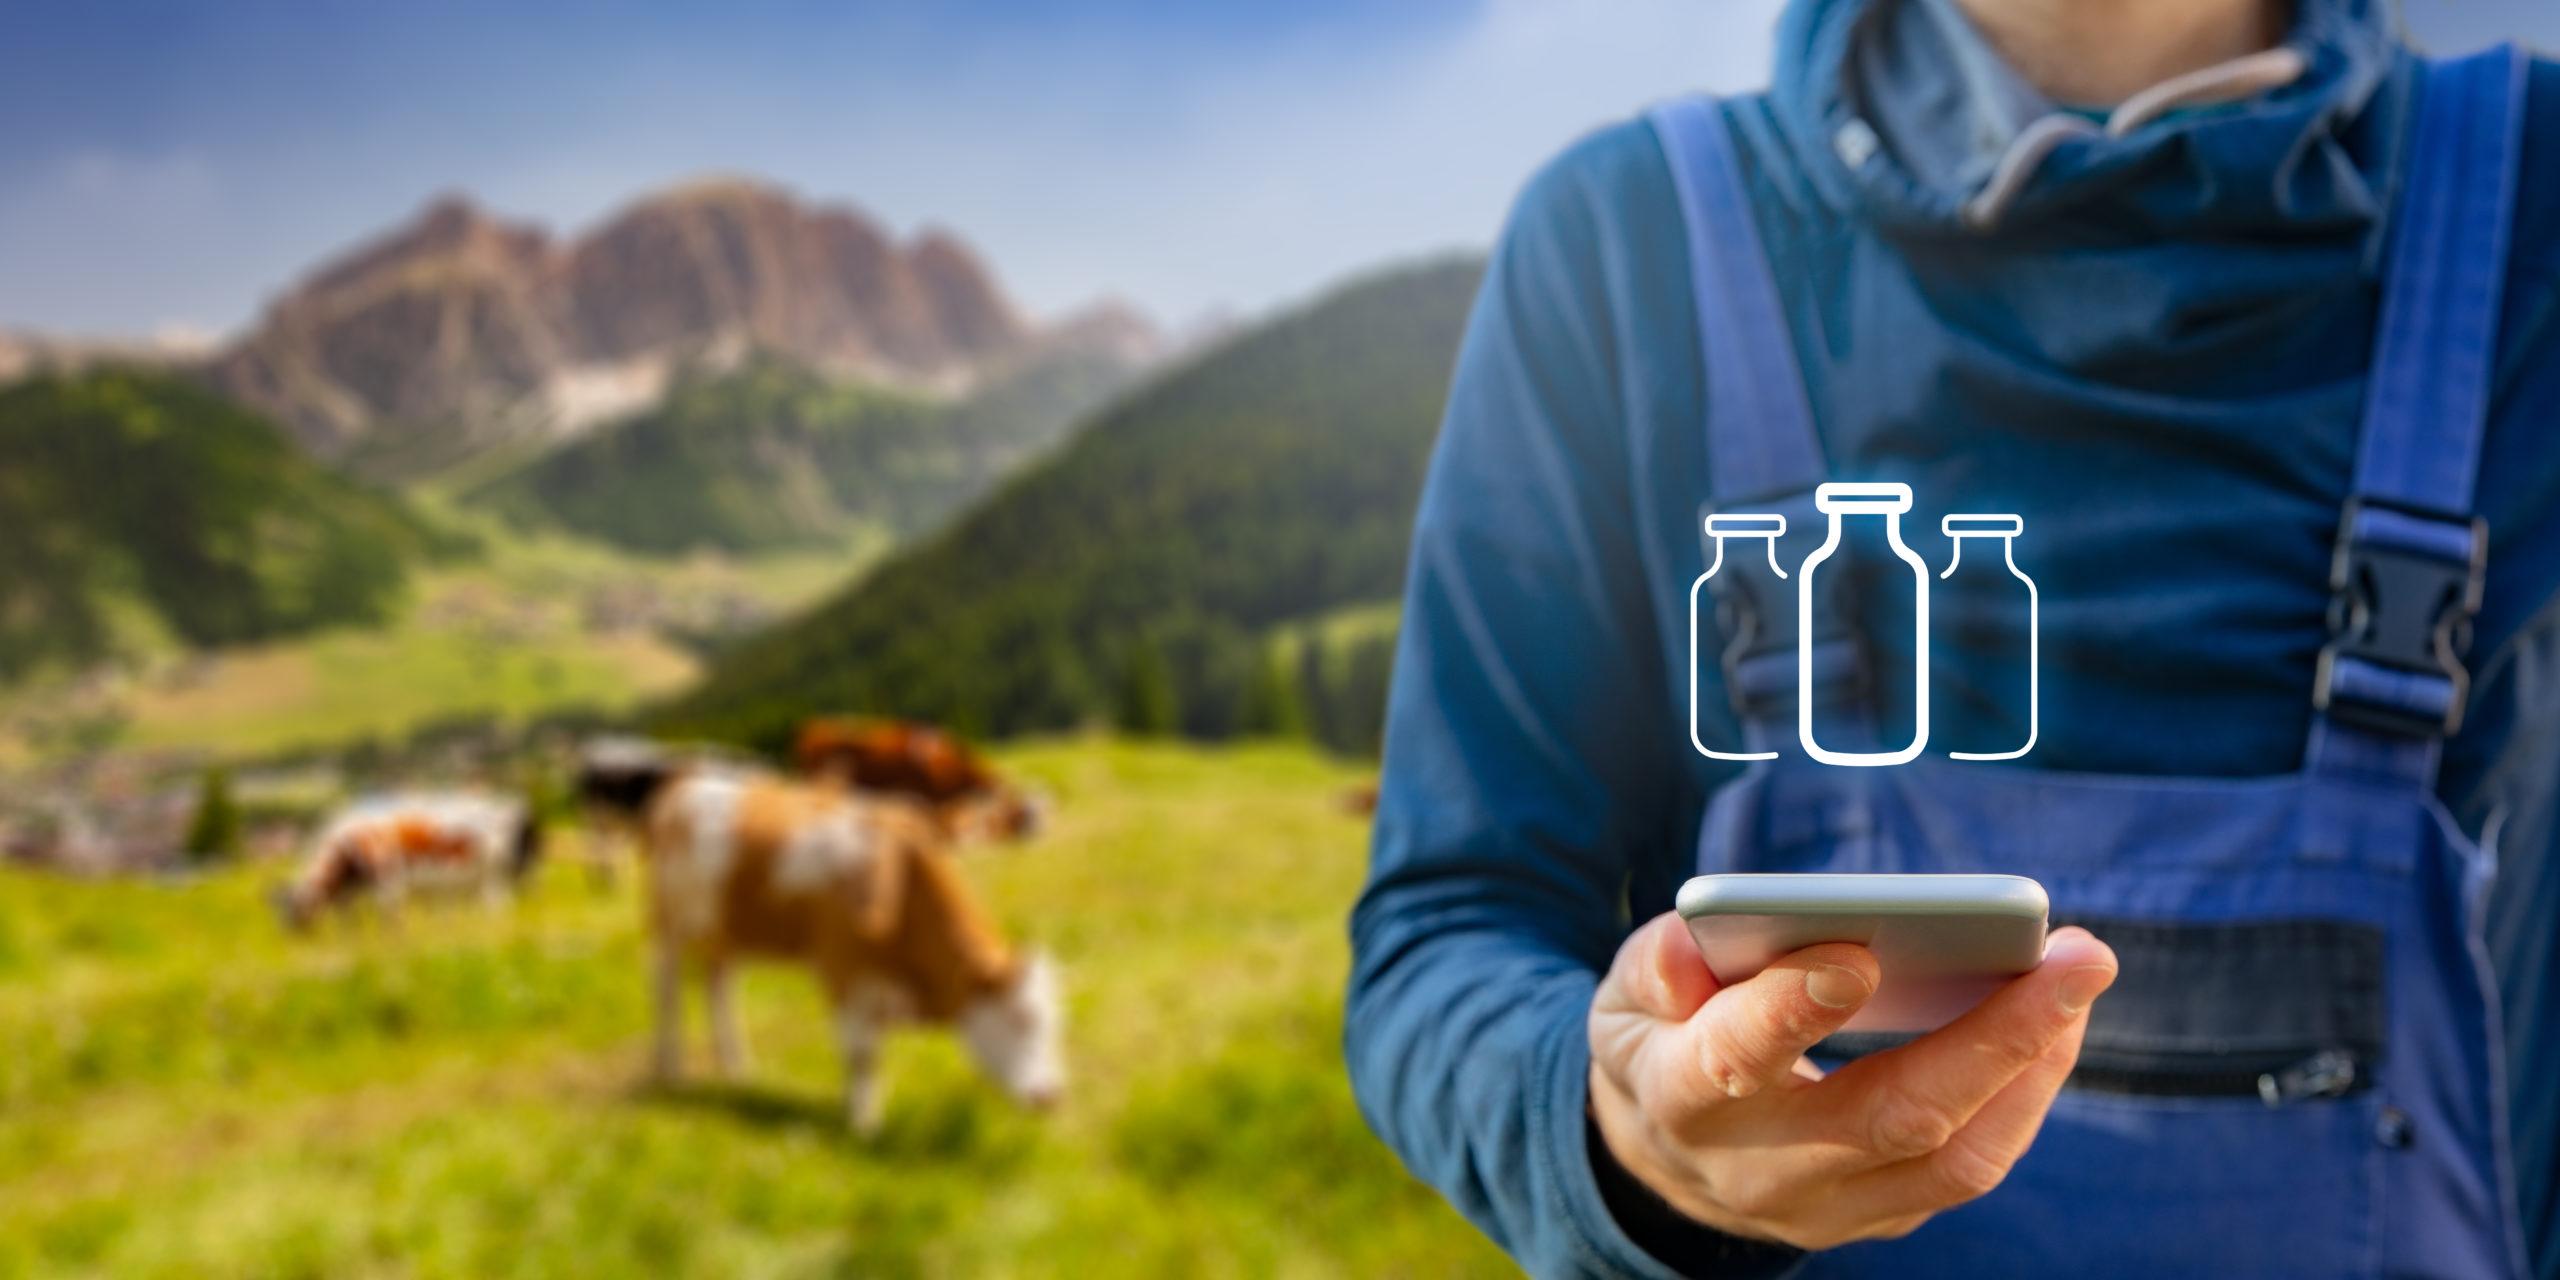 Algoritmo identifica bovinos individualmente no campo por imagens